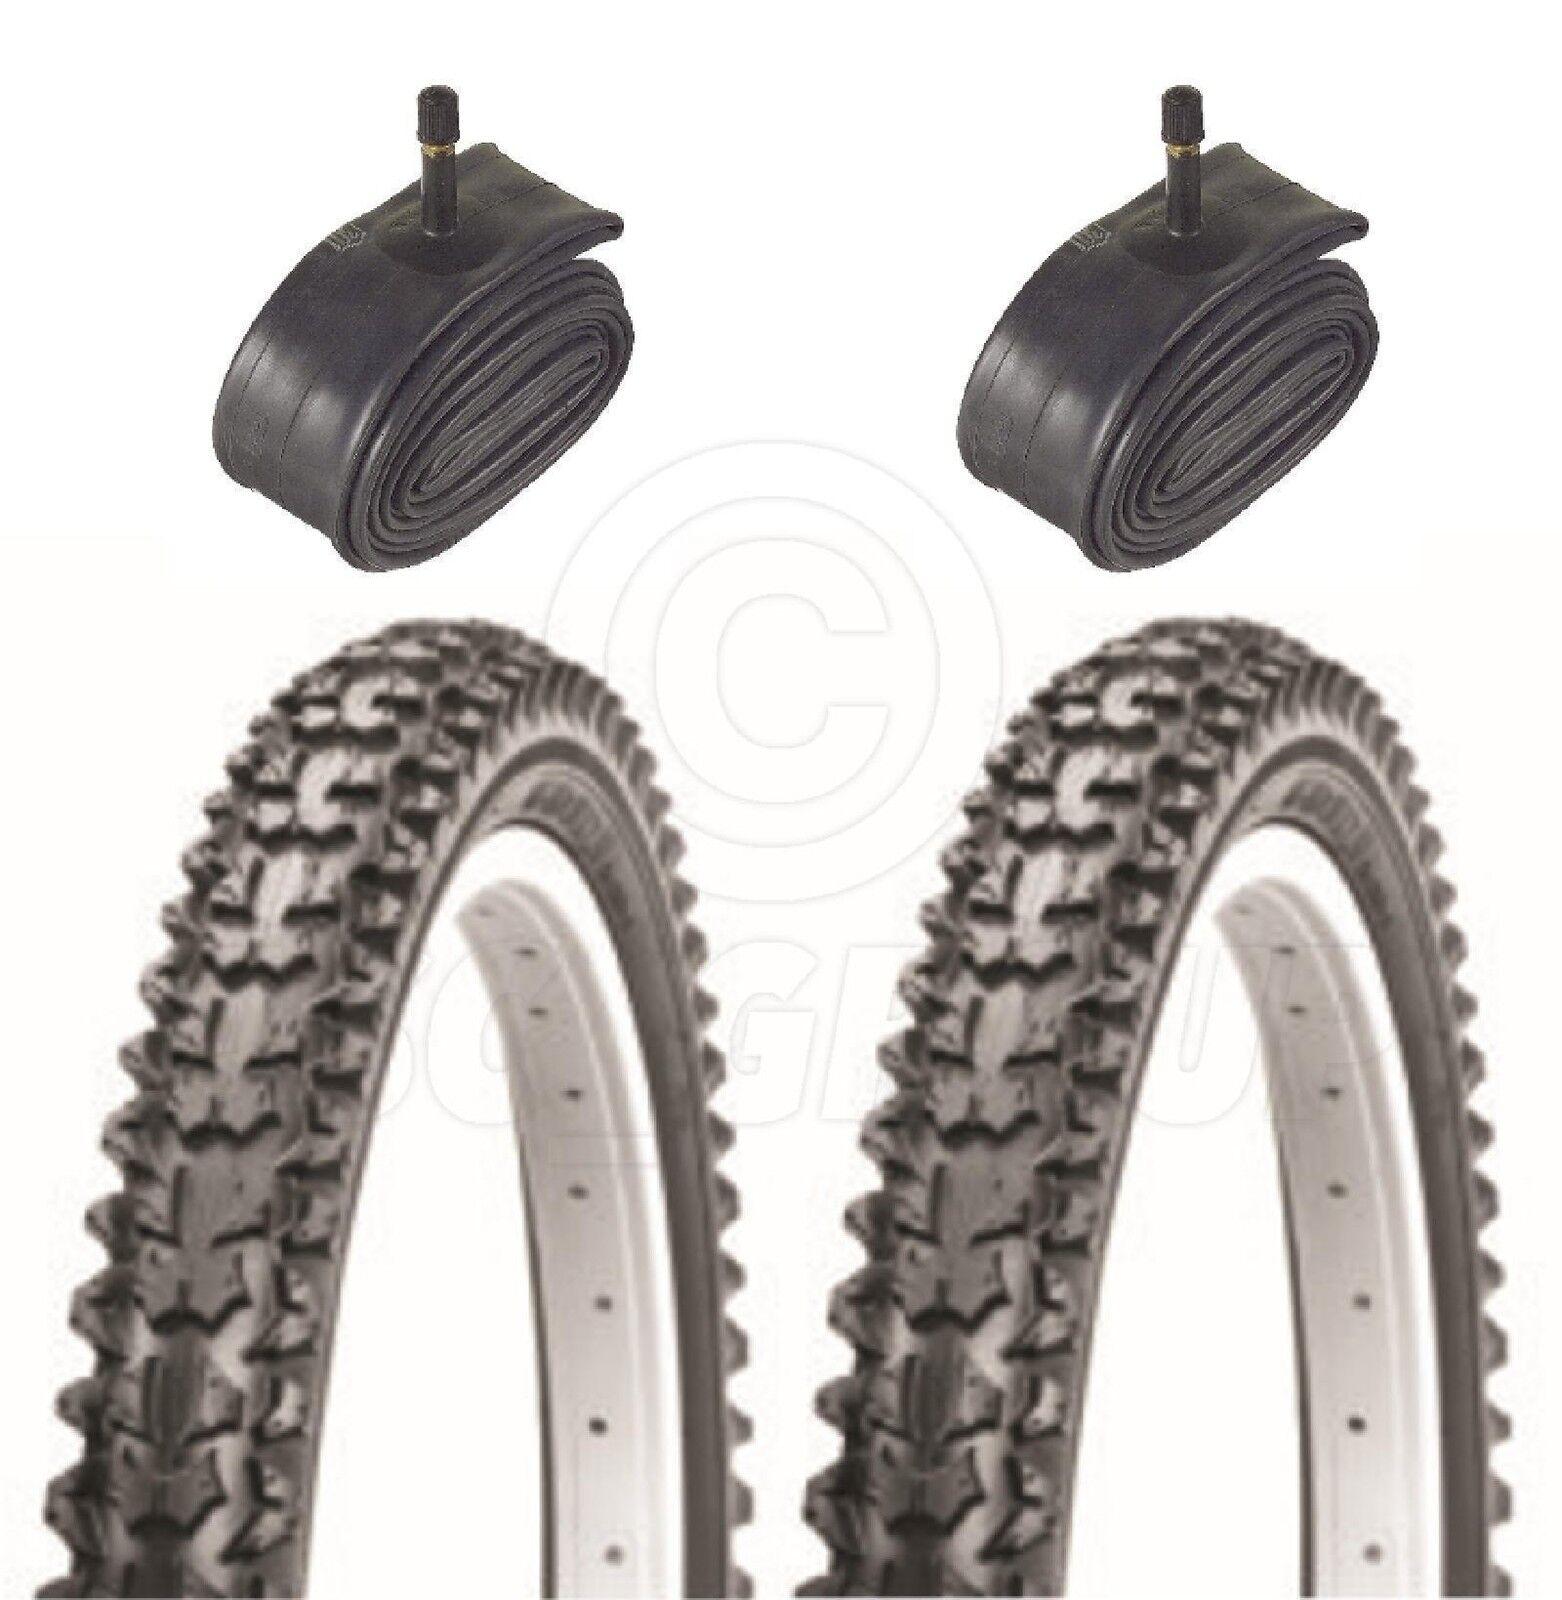 2 Bicicleta Neumáticos Moto - de Montaña - 24 X 1.95 - con Tubos Schrader